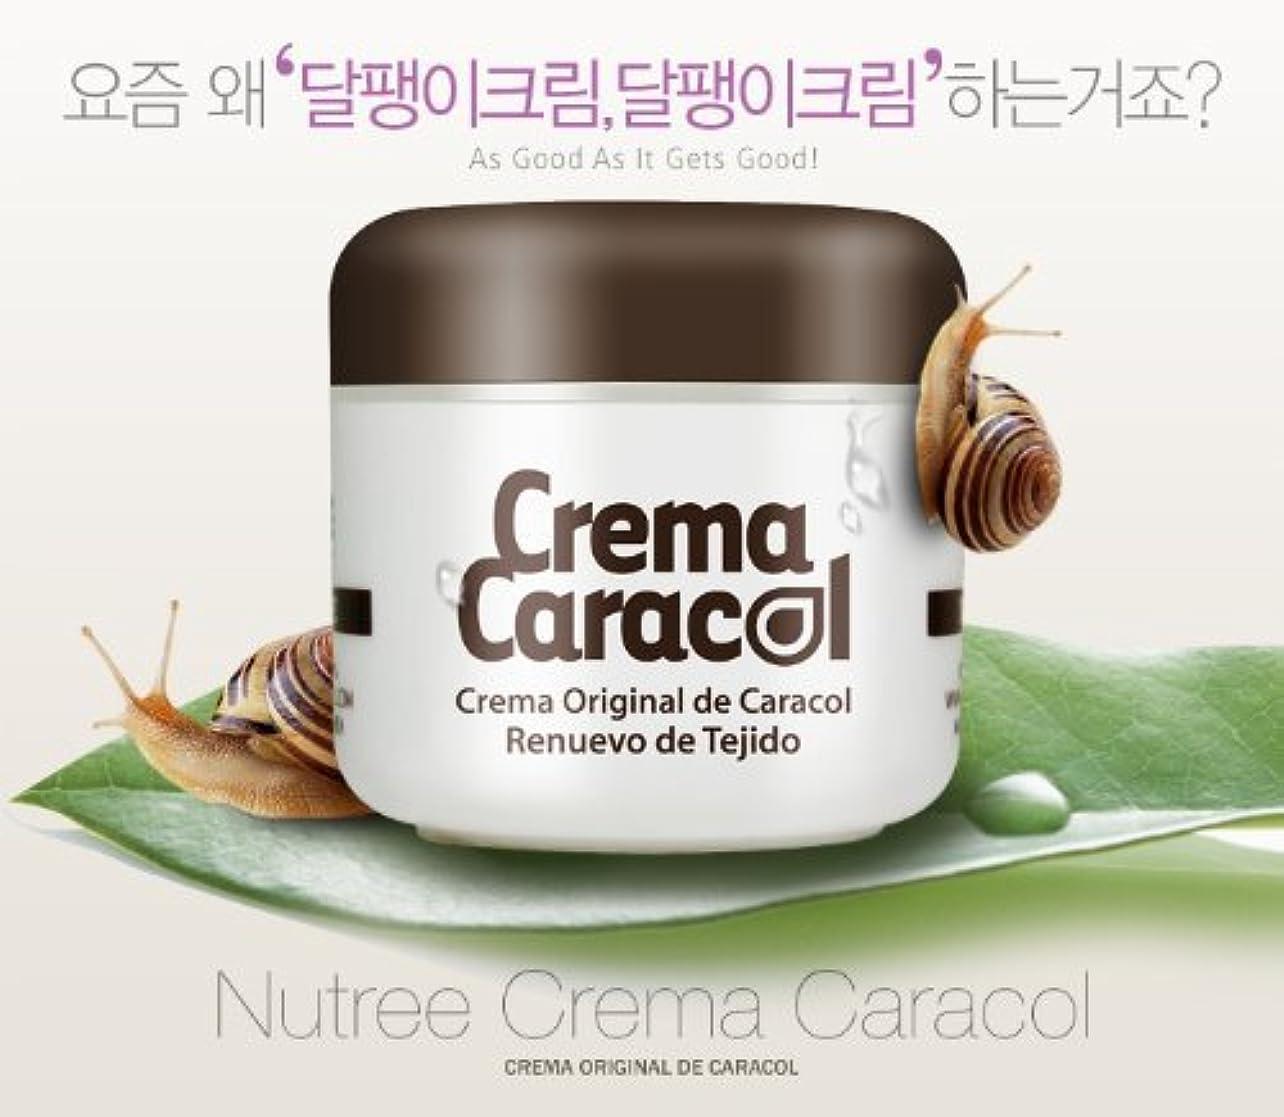 パブデンマーク語帝国主義crema caracol(カラコール) かたつむりクリーム 5個セット